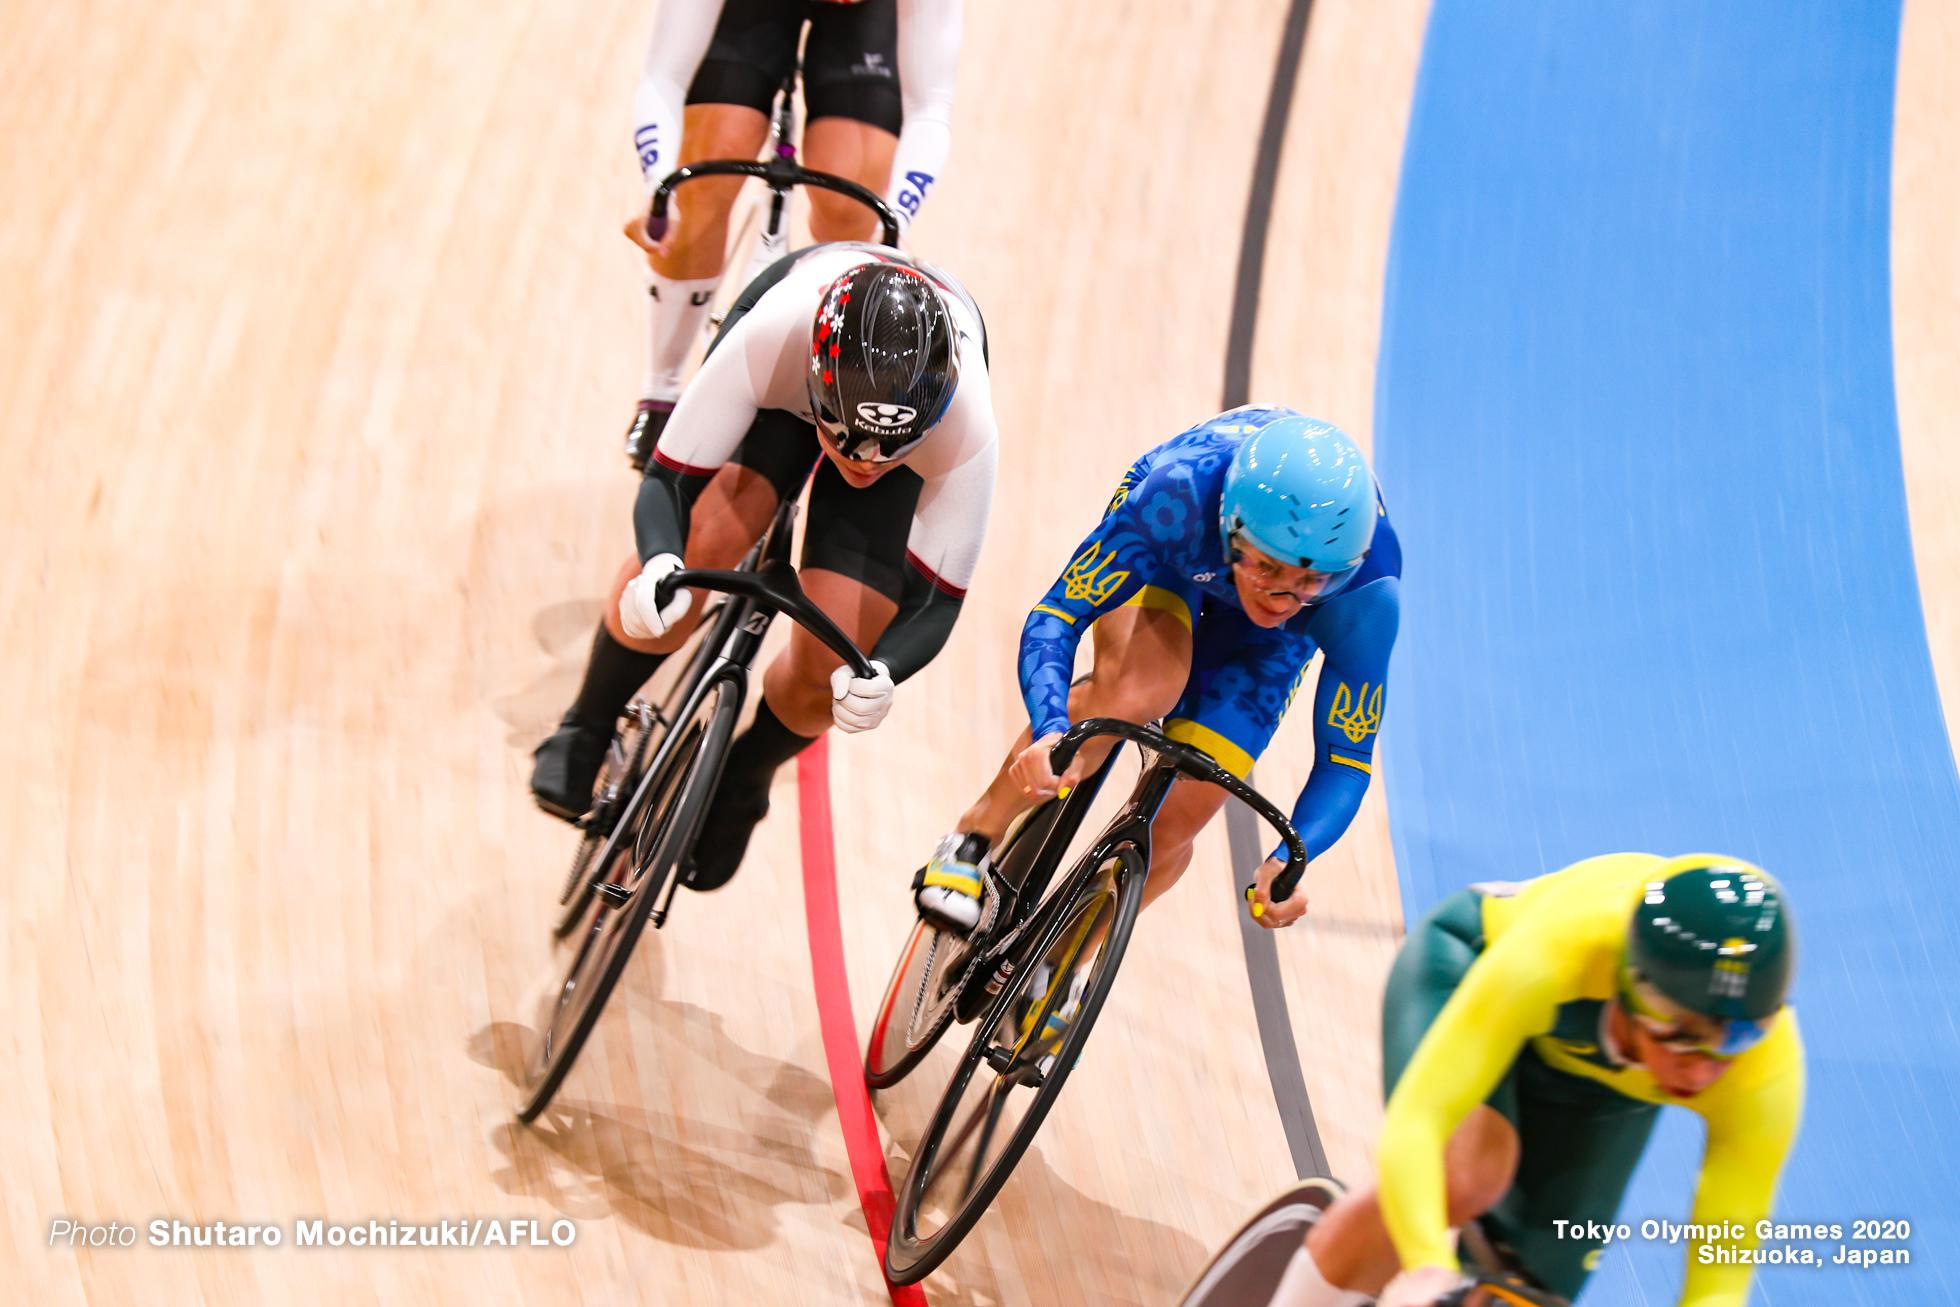 カーリー・マカラク Kaarle Mcculloch (AUS), ケルシー・ミシェル Kelsey Mitchell (CAN), 鍾天使 ゾン・ティエンシー Zhong Tianshi (CHN), 小林優香 Yuka Kobayashi (JPN), リウボフ・バソワ Liubov Basova (UKR), マンダリン・ゴドビー Madalyn Godby (USA), Women's Keirin Quarter-Final AUGUST 5, 2021 - Cycling : during the Tokyo 2020 Olympic Games at the Izu Velodrome in Shizuoka, Japan. (Photo by Shutaro Mochizuki/AFLO)